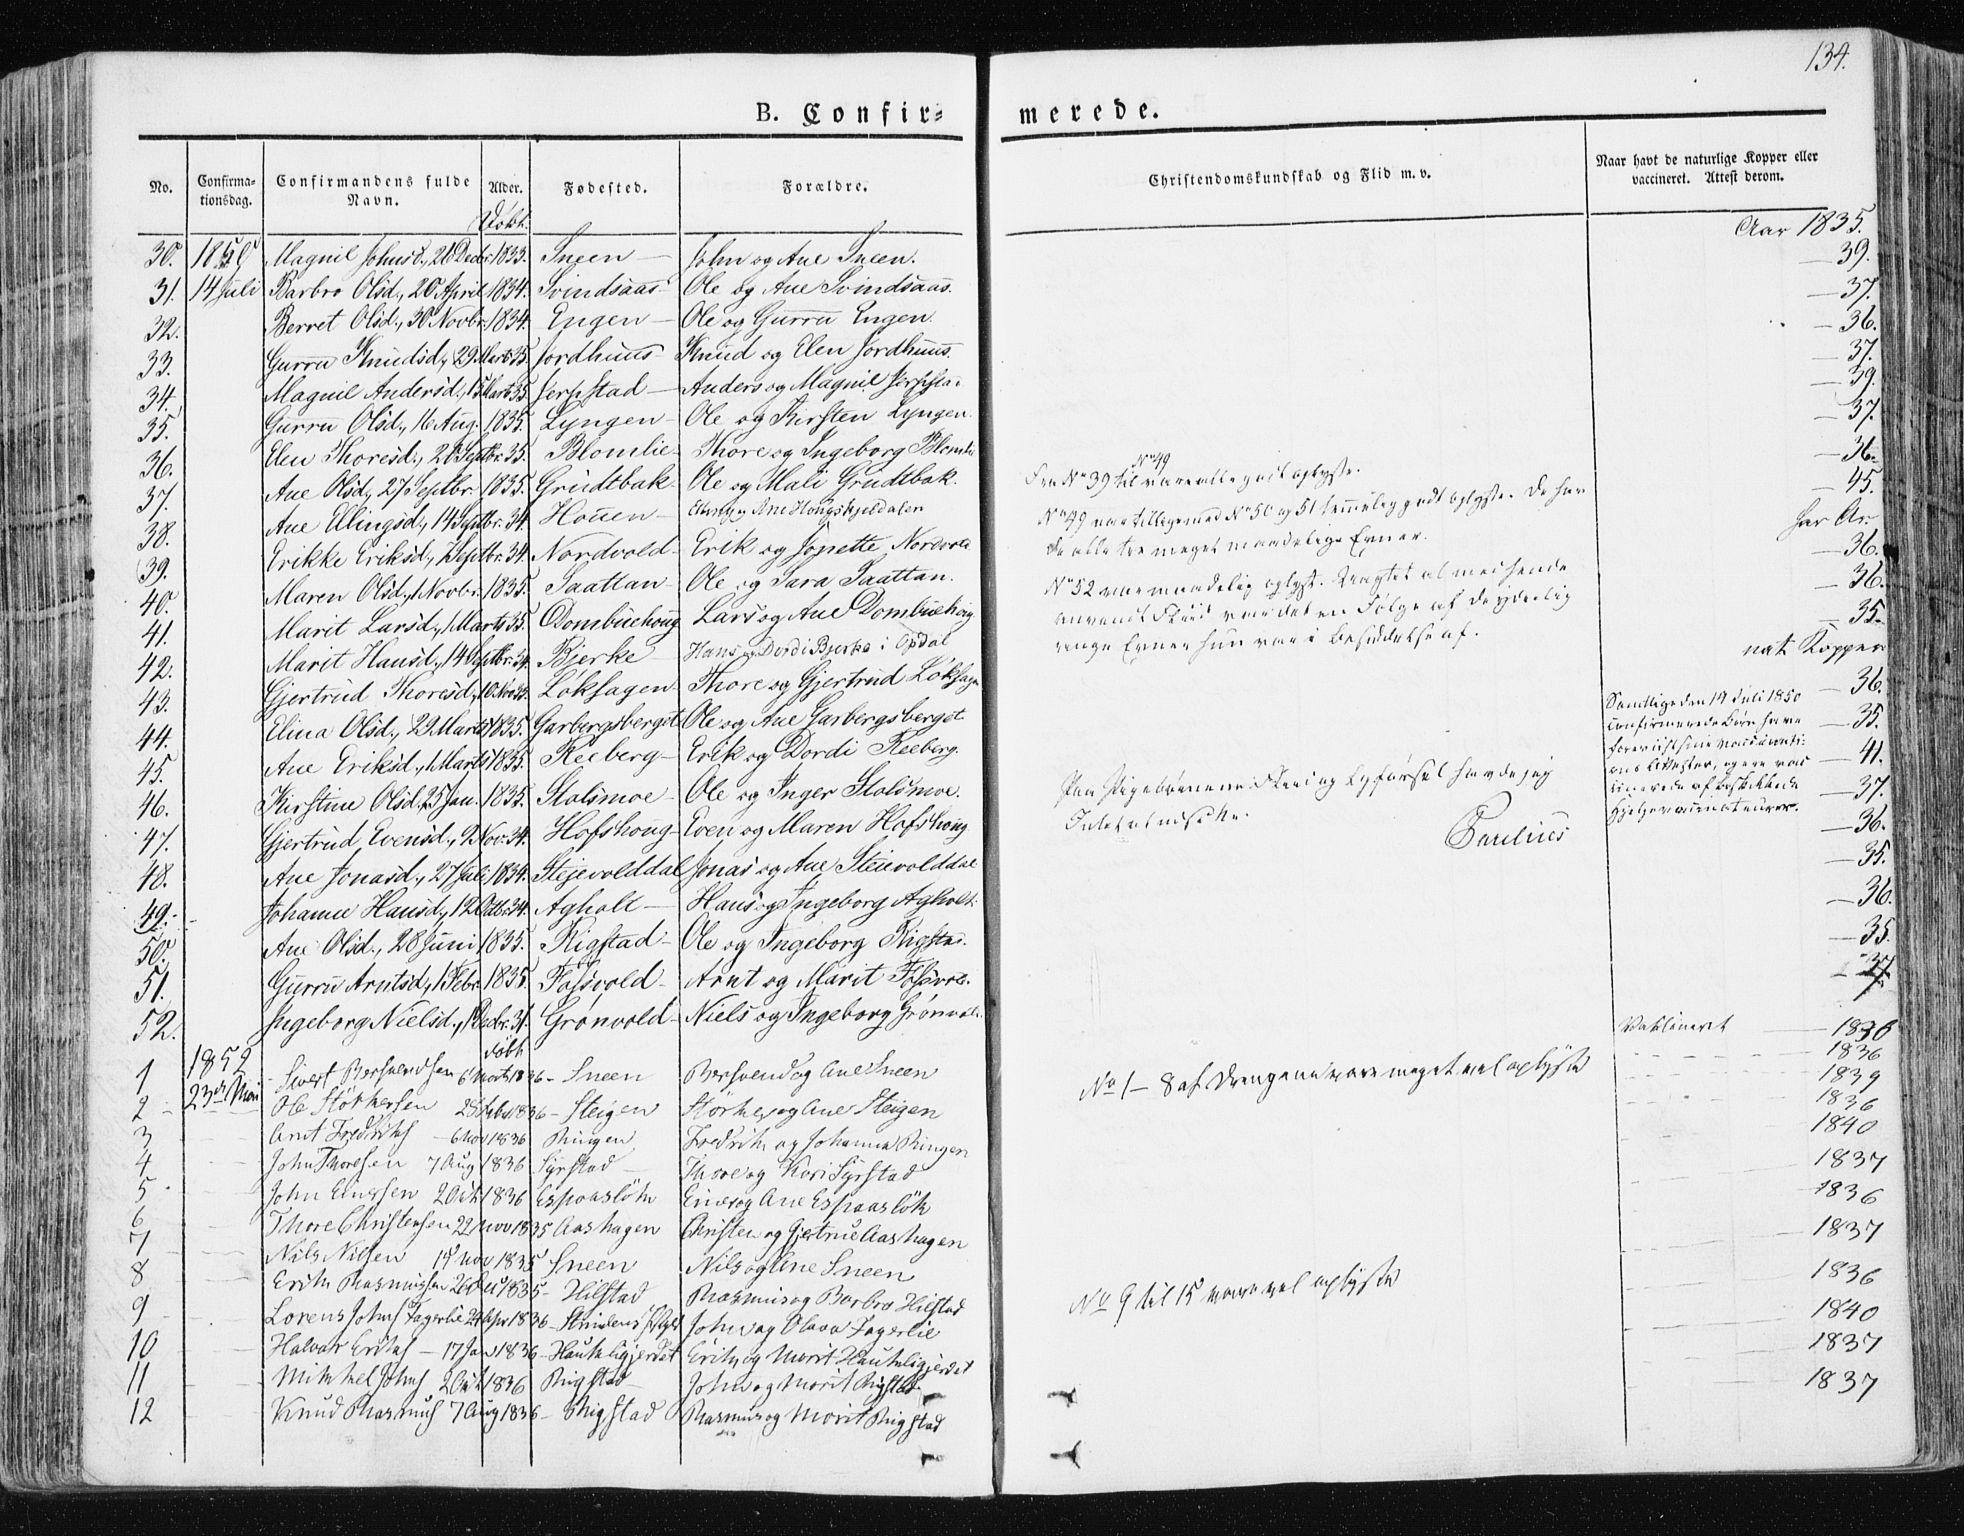 SAT, Ministerialprotokoller, klokkerbøker og fødselsregistre - Sør-Trøndelag, 672/L0855: Ministerialbok nr. 672A07, 1829-1860, s. 134